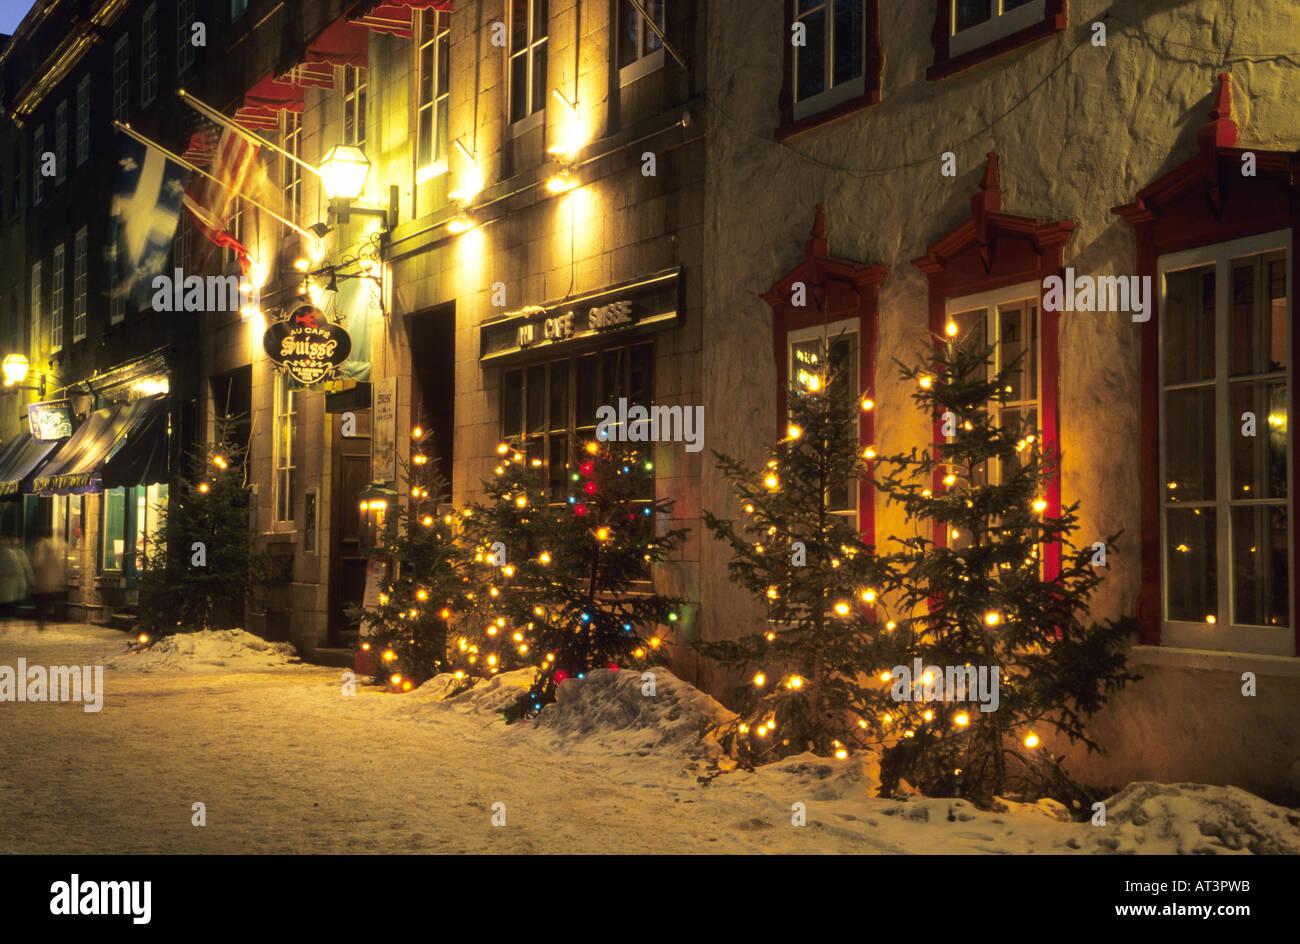 Albero Di Natale Quebec.Quebec City Con Le Luci Di Natale Nelle Vetrine Dei Negozi E Degli Alberi Foto Stock Alamy